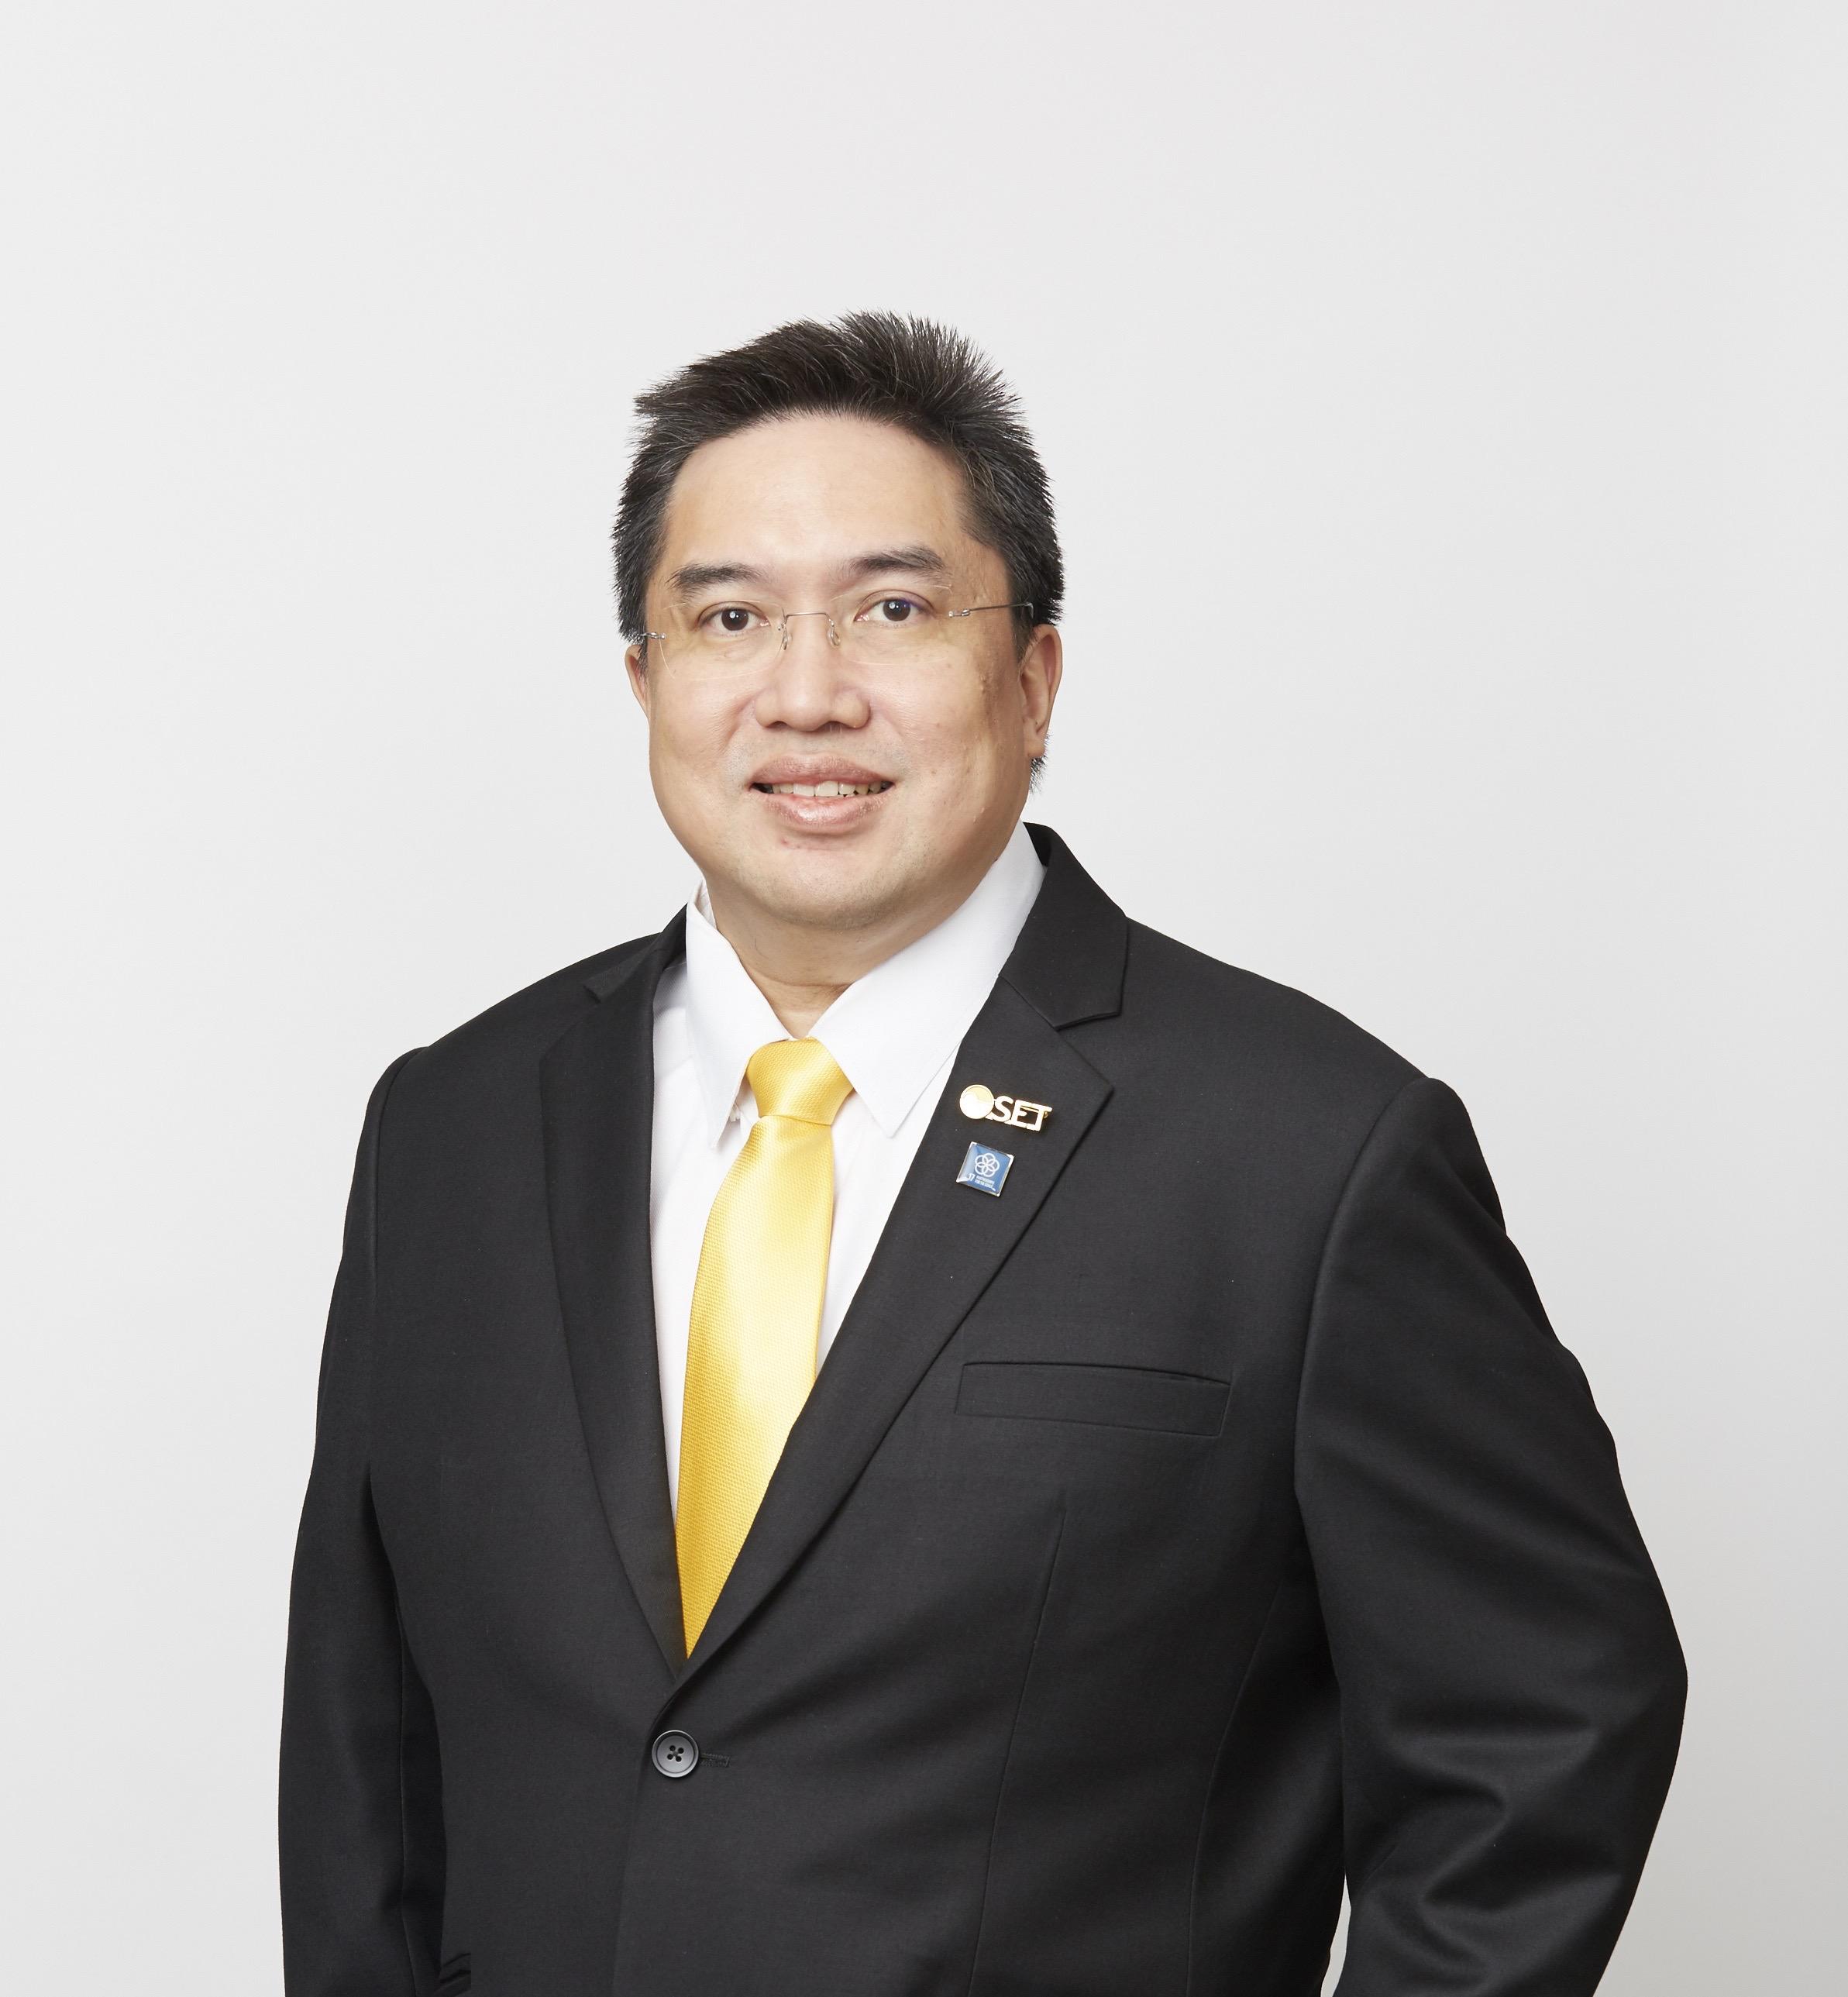 สรุปภาพรวมภาวะตลาดหลักทรัพย์ไทยเดือนมีนาคม 2563